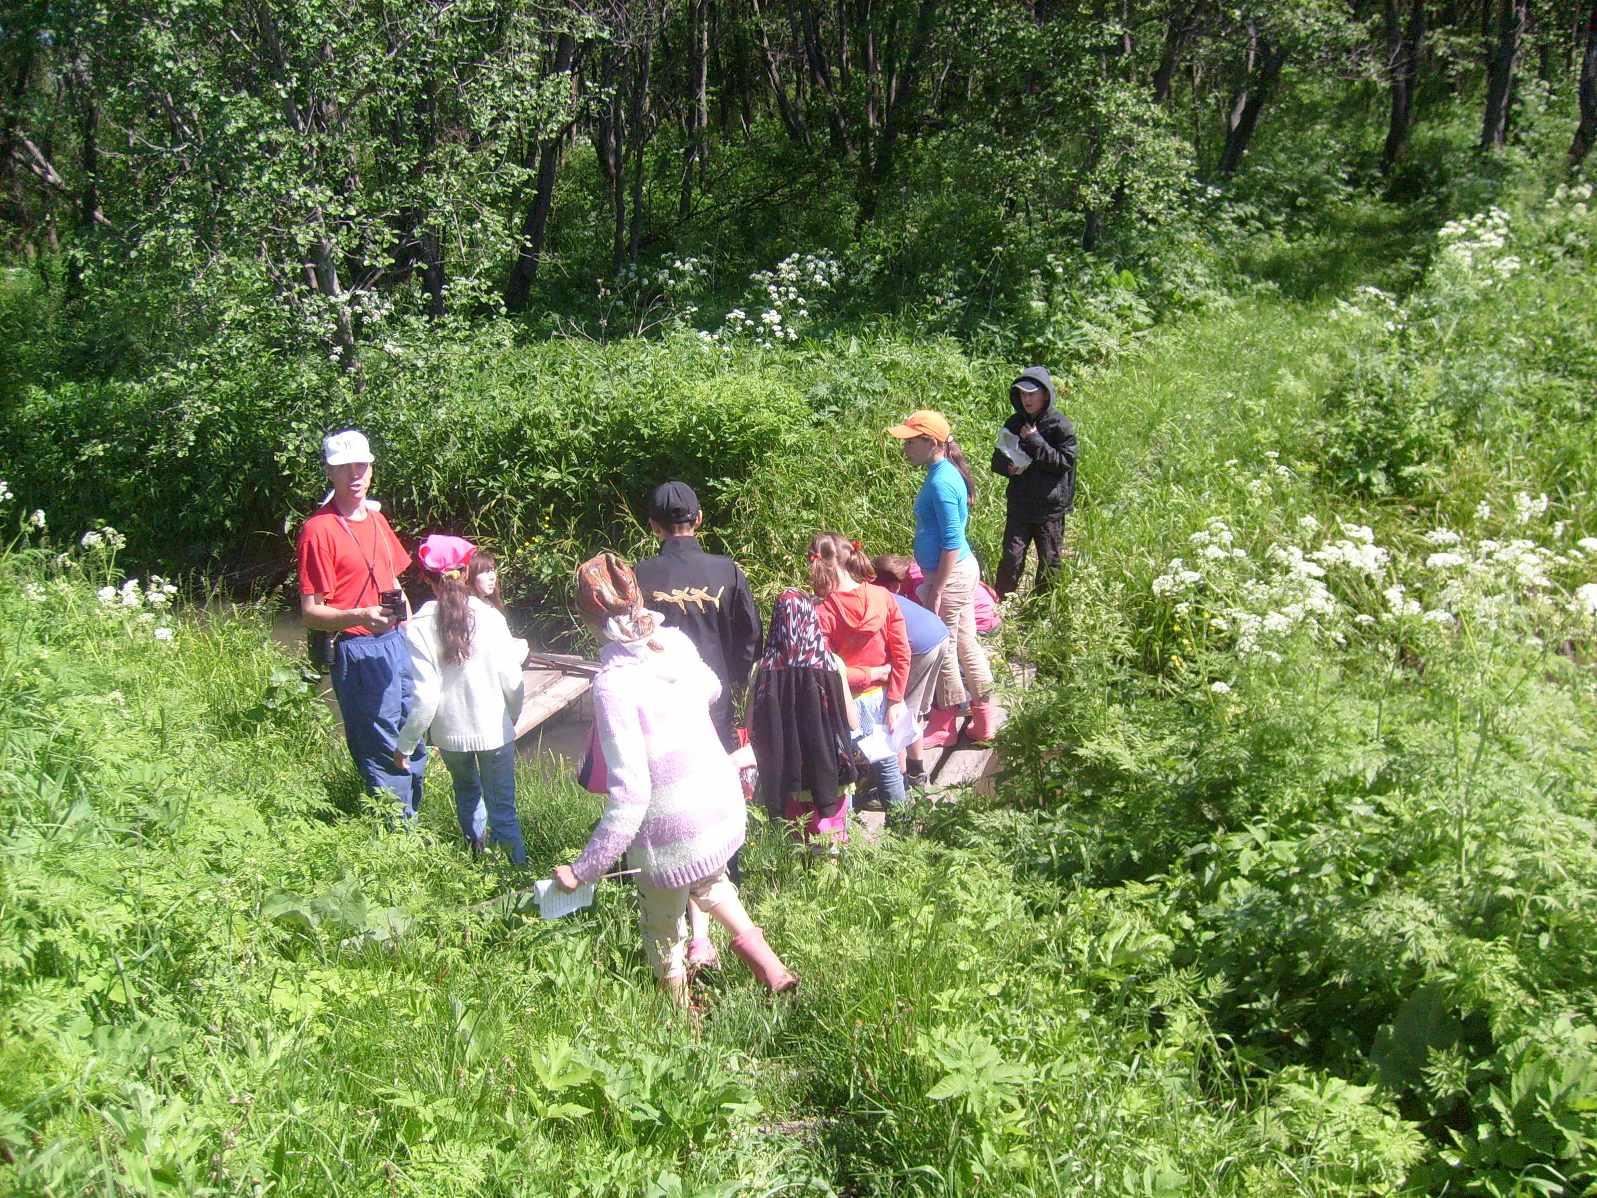 Летний оздоровительный лагерь. Июнь 2011 года